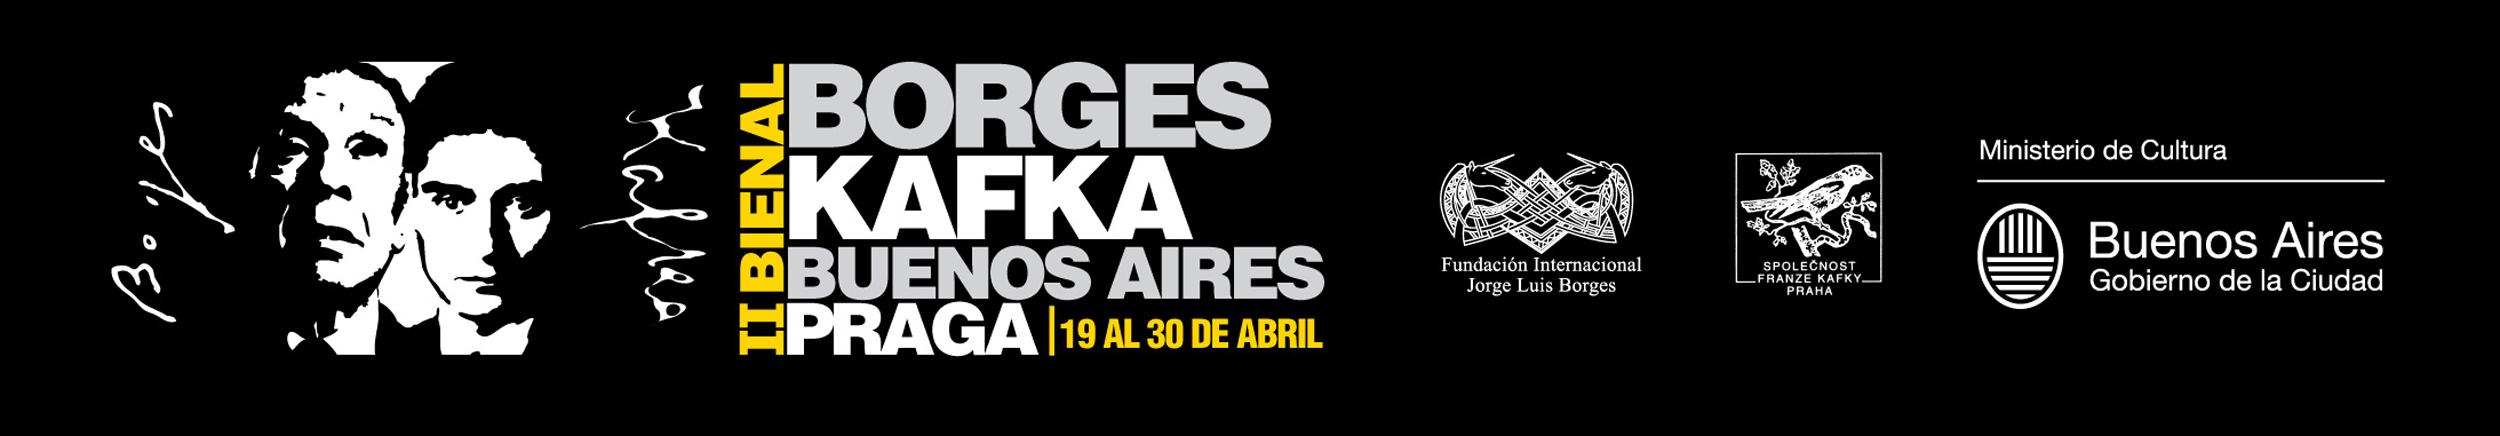 Invitacion II Bienal BORGES - KAFKA.jpg